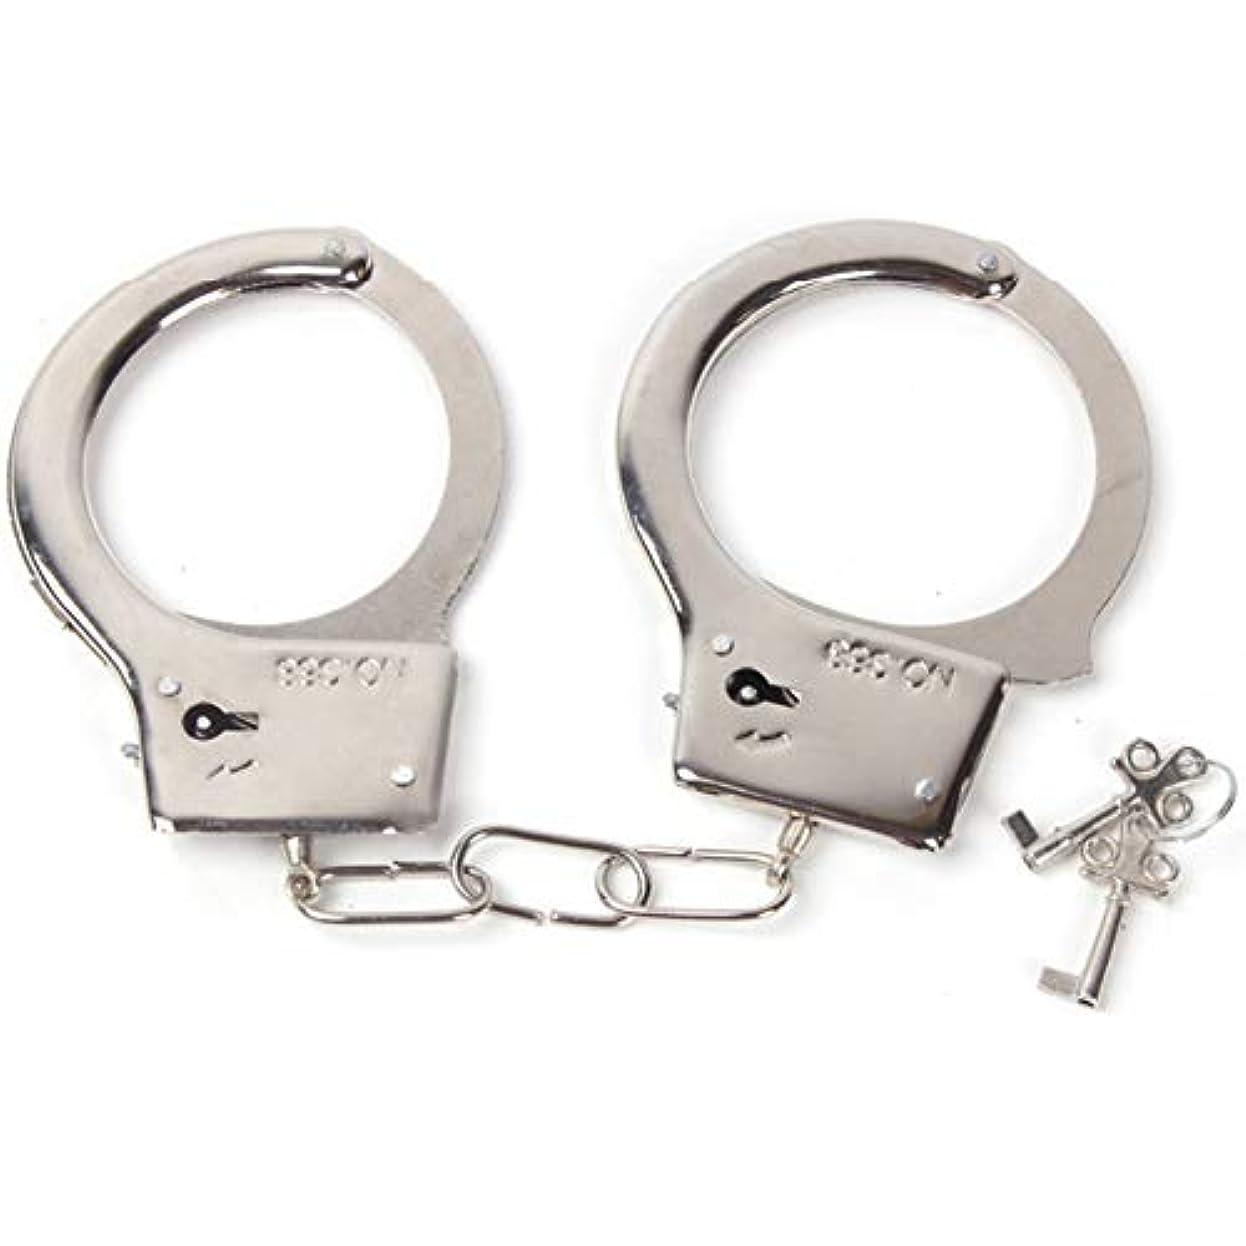 ハロウィン優先権失礼なワックスプルメタル手錠 鍵付き 警察官のいたずら遊びのためのパーティー記念品 子供用おもちゃメタル手錠 パーティー用品 コスチュームアクセサリー